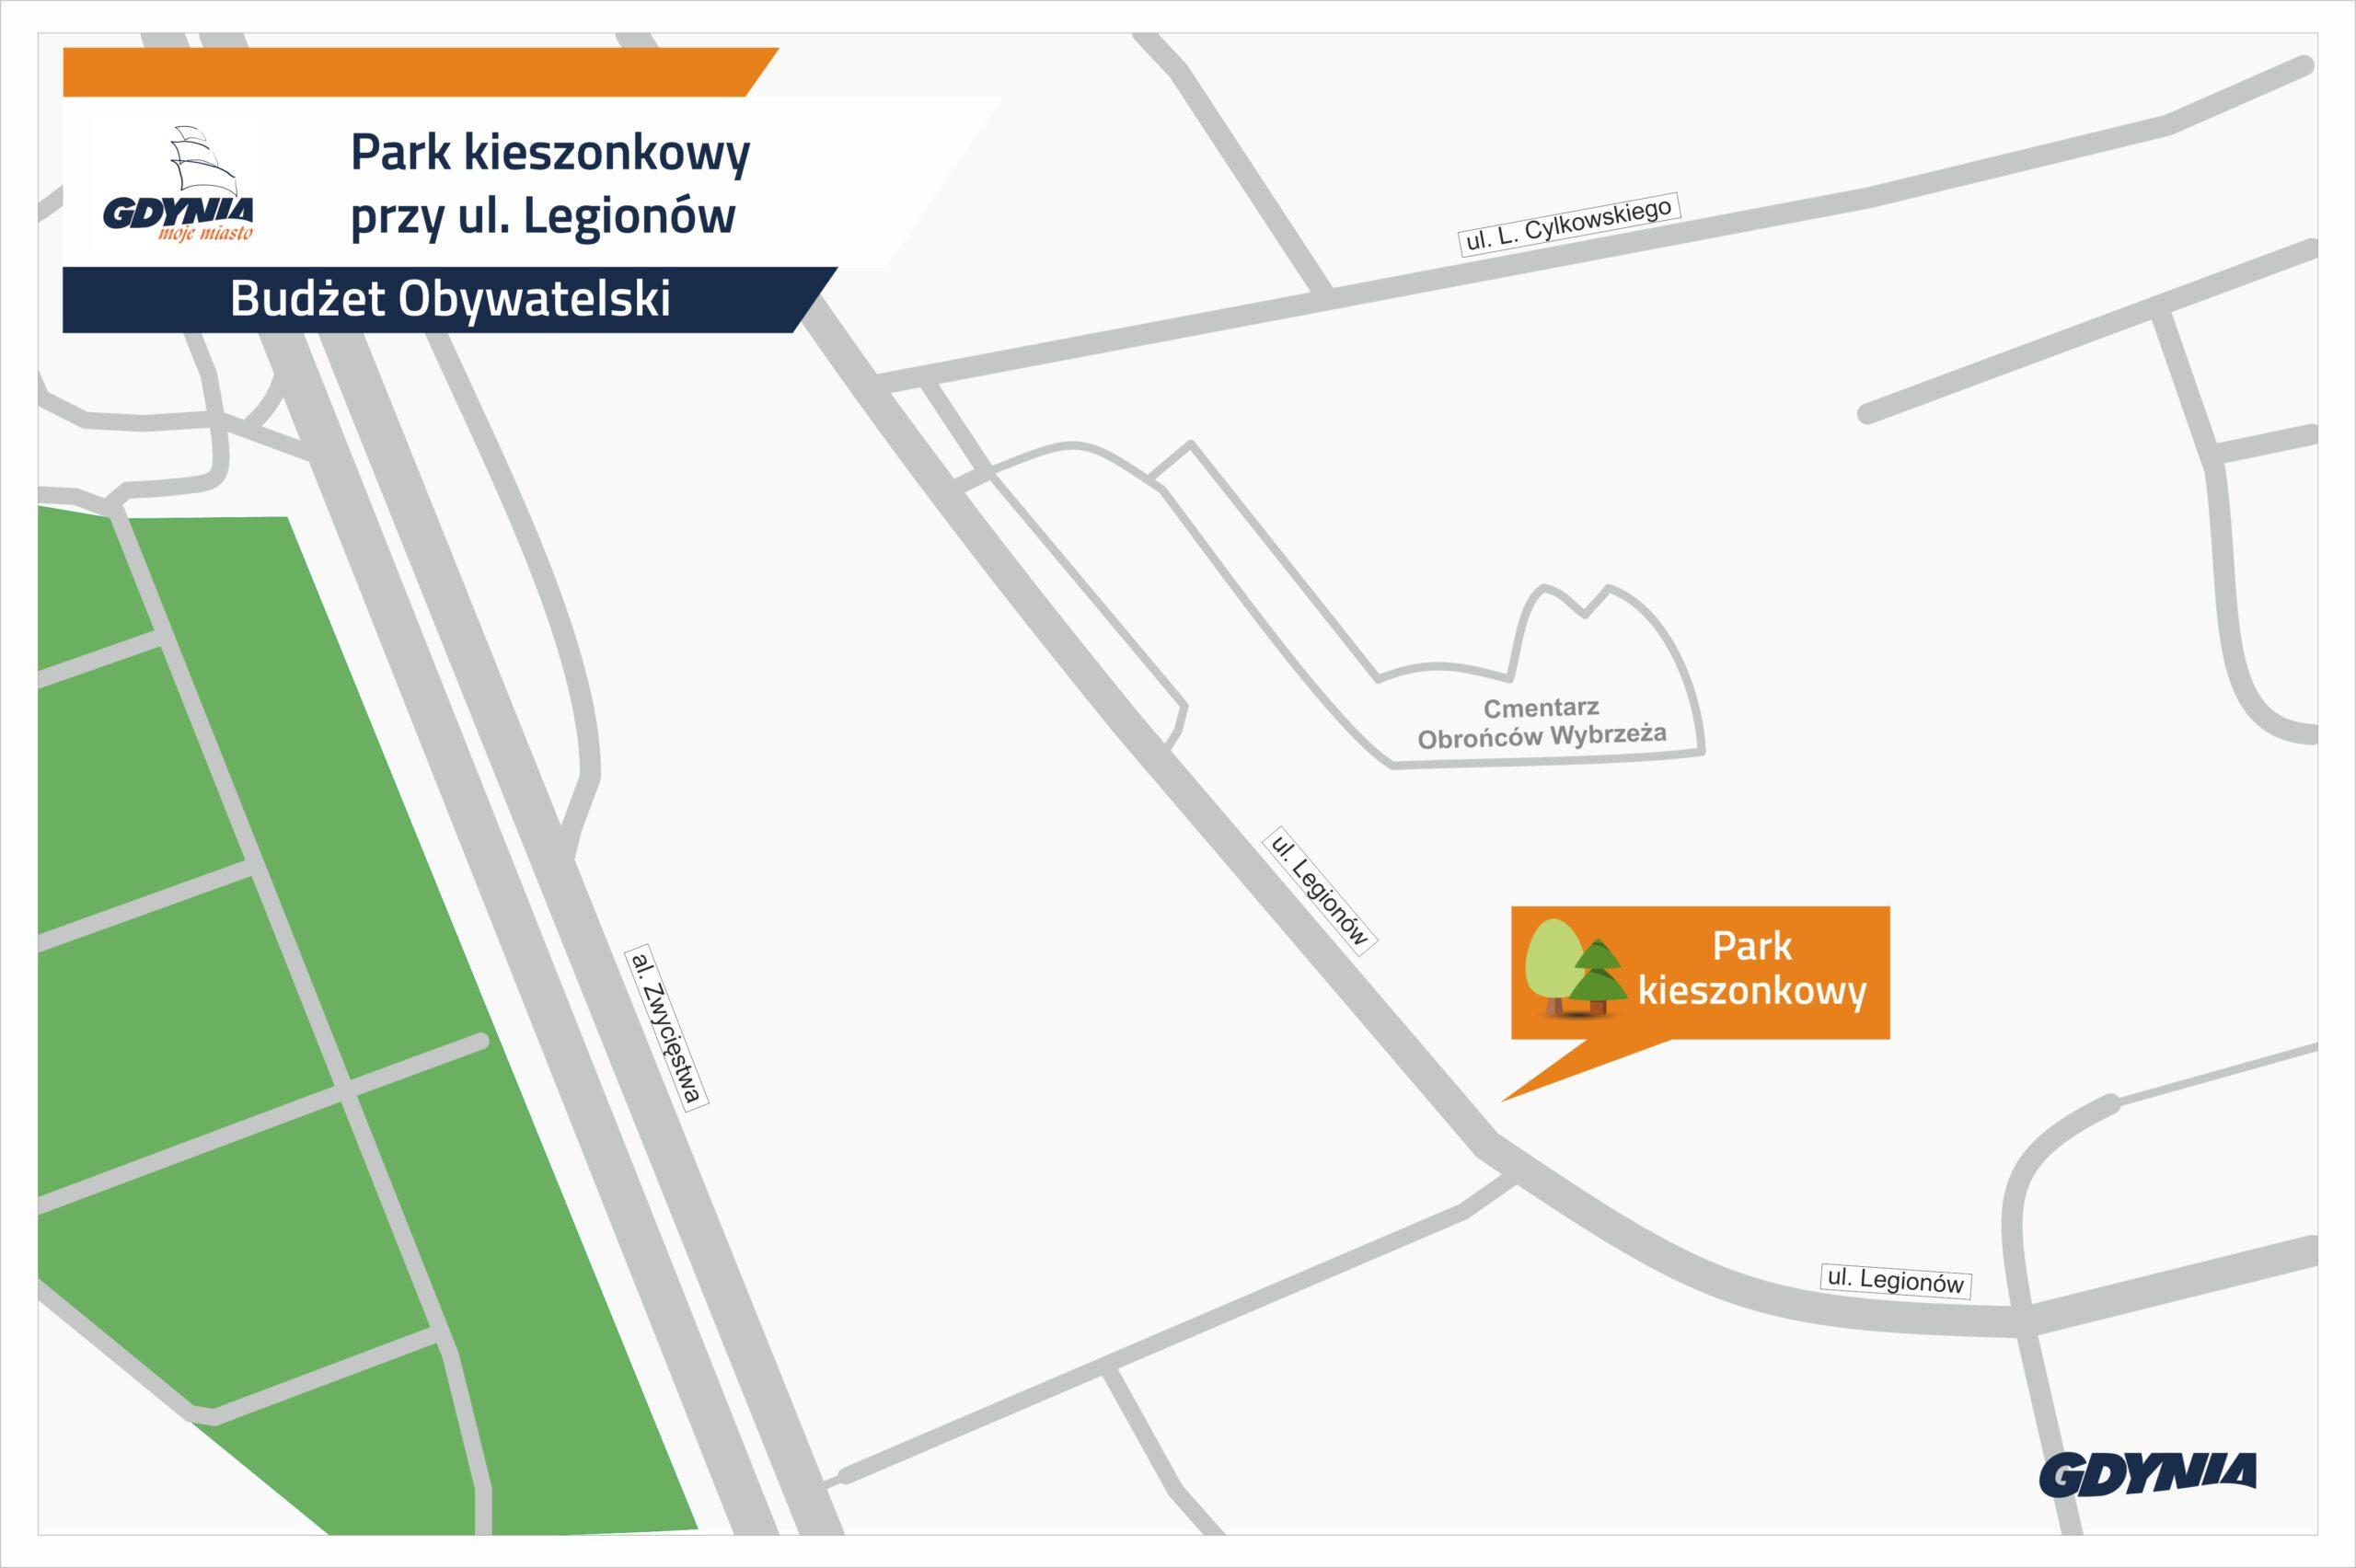 Mapka wskazująca lokalizację na ul. Legionów, gdzie powstanie par kieszonkowy z BO // mat.pras. dzielnice#wGdyni